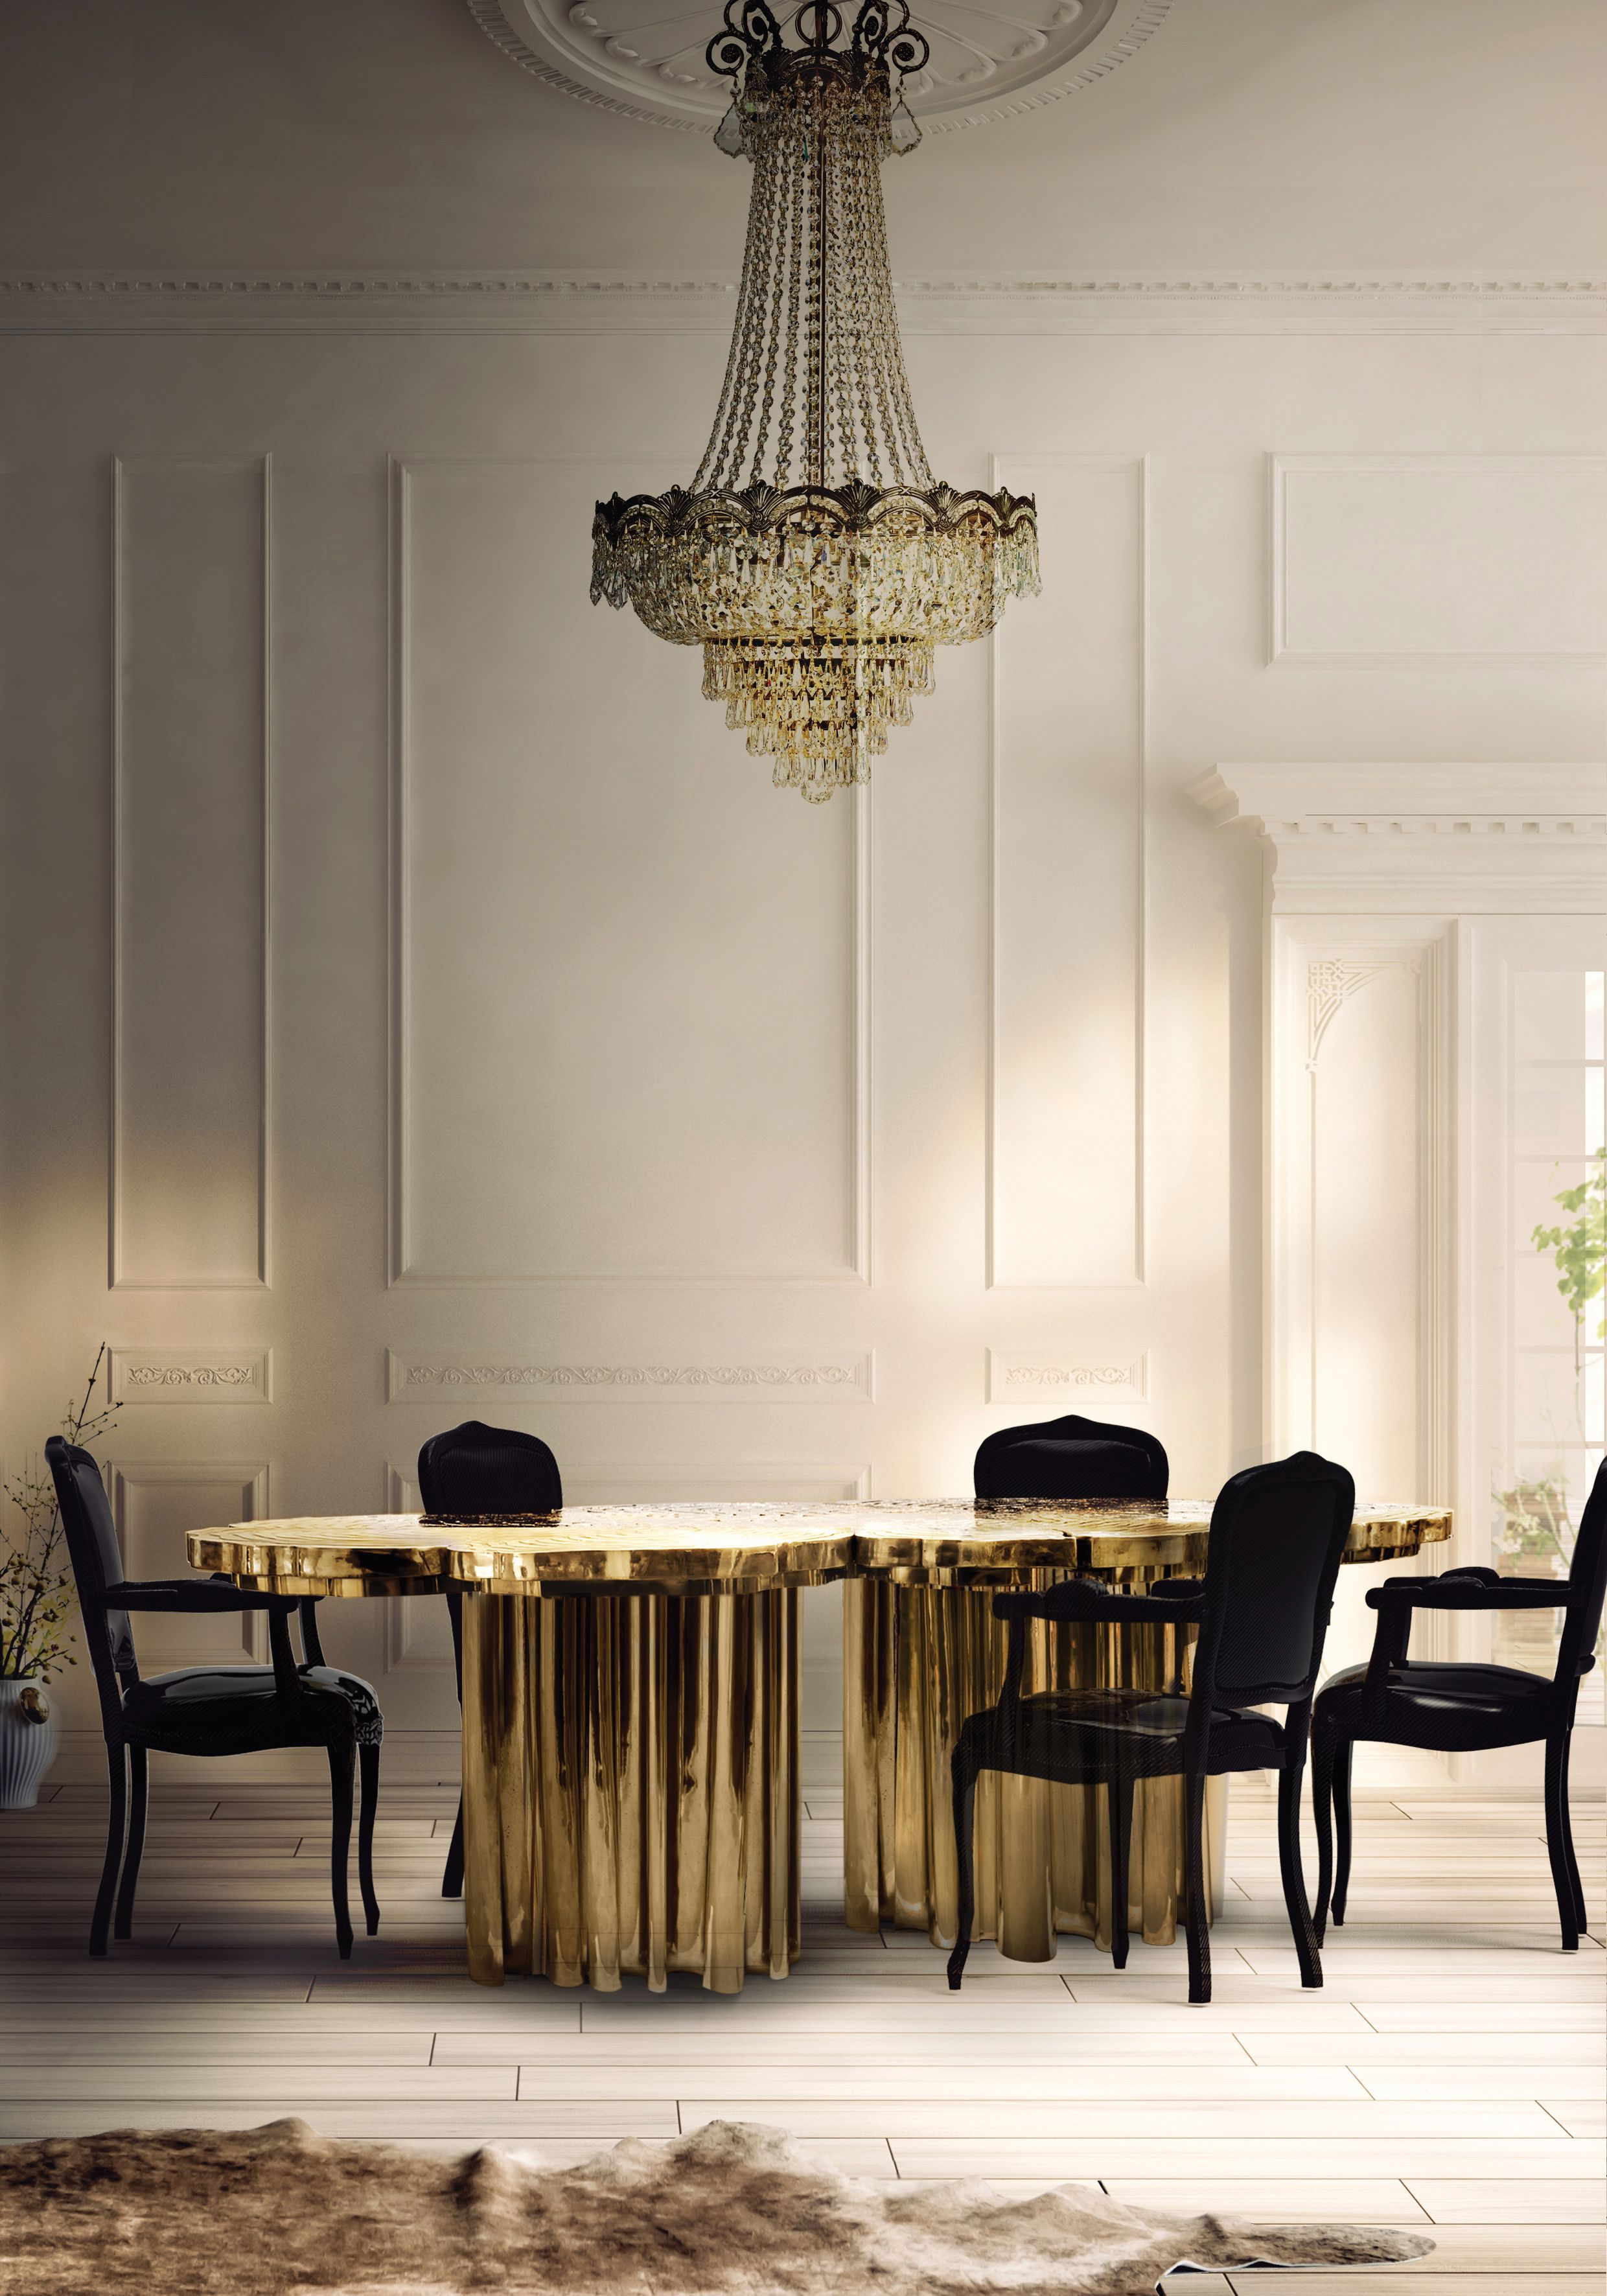 modernen stil luxus m bel. Black Bedroom Furniture Sets. Home Design Ideas